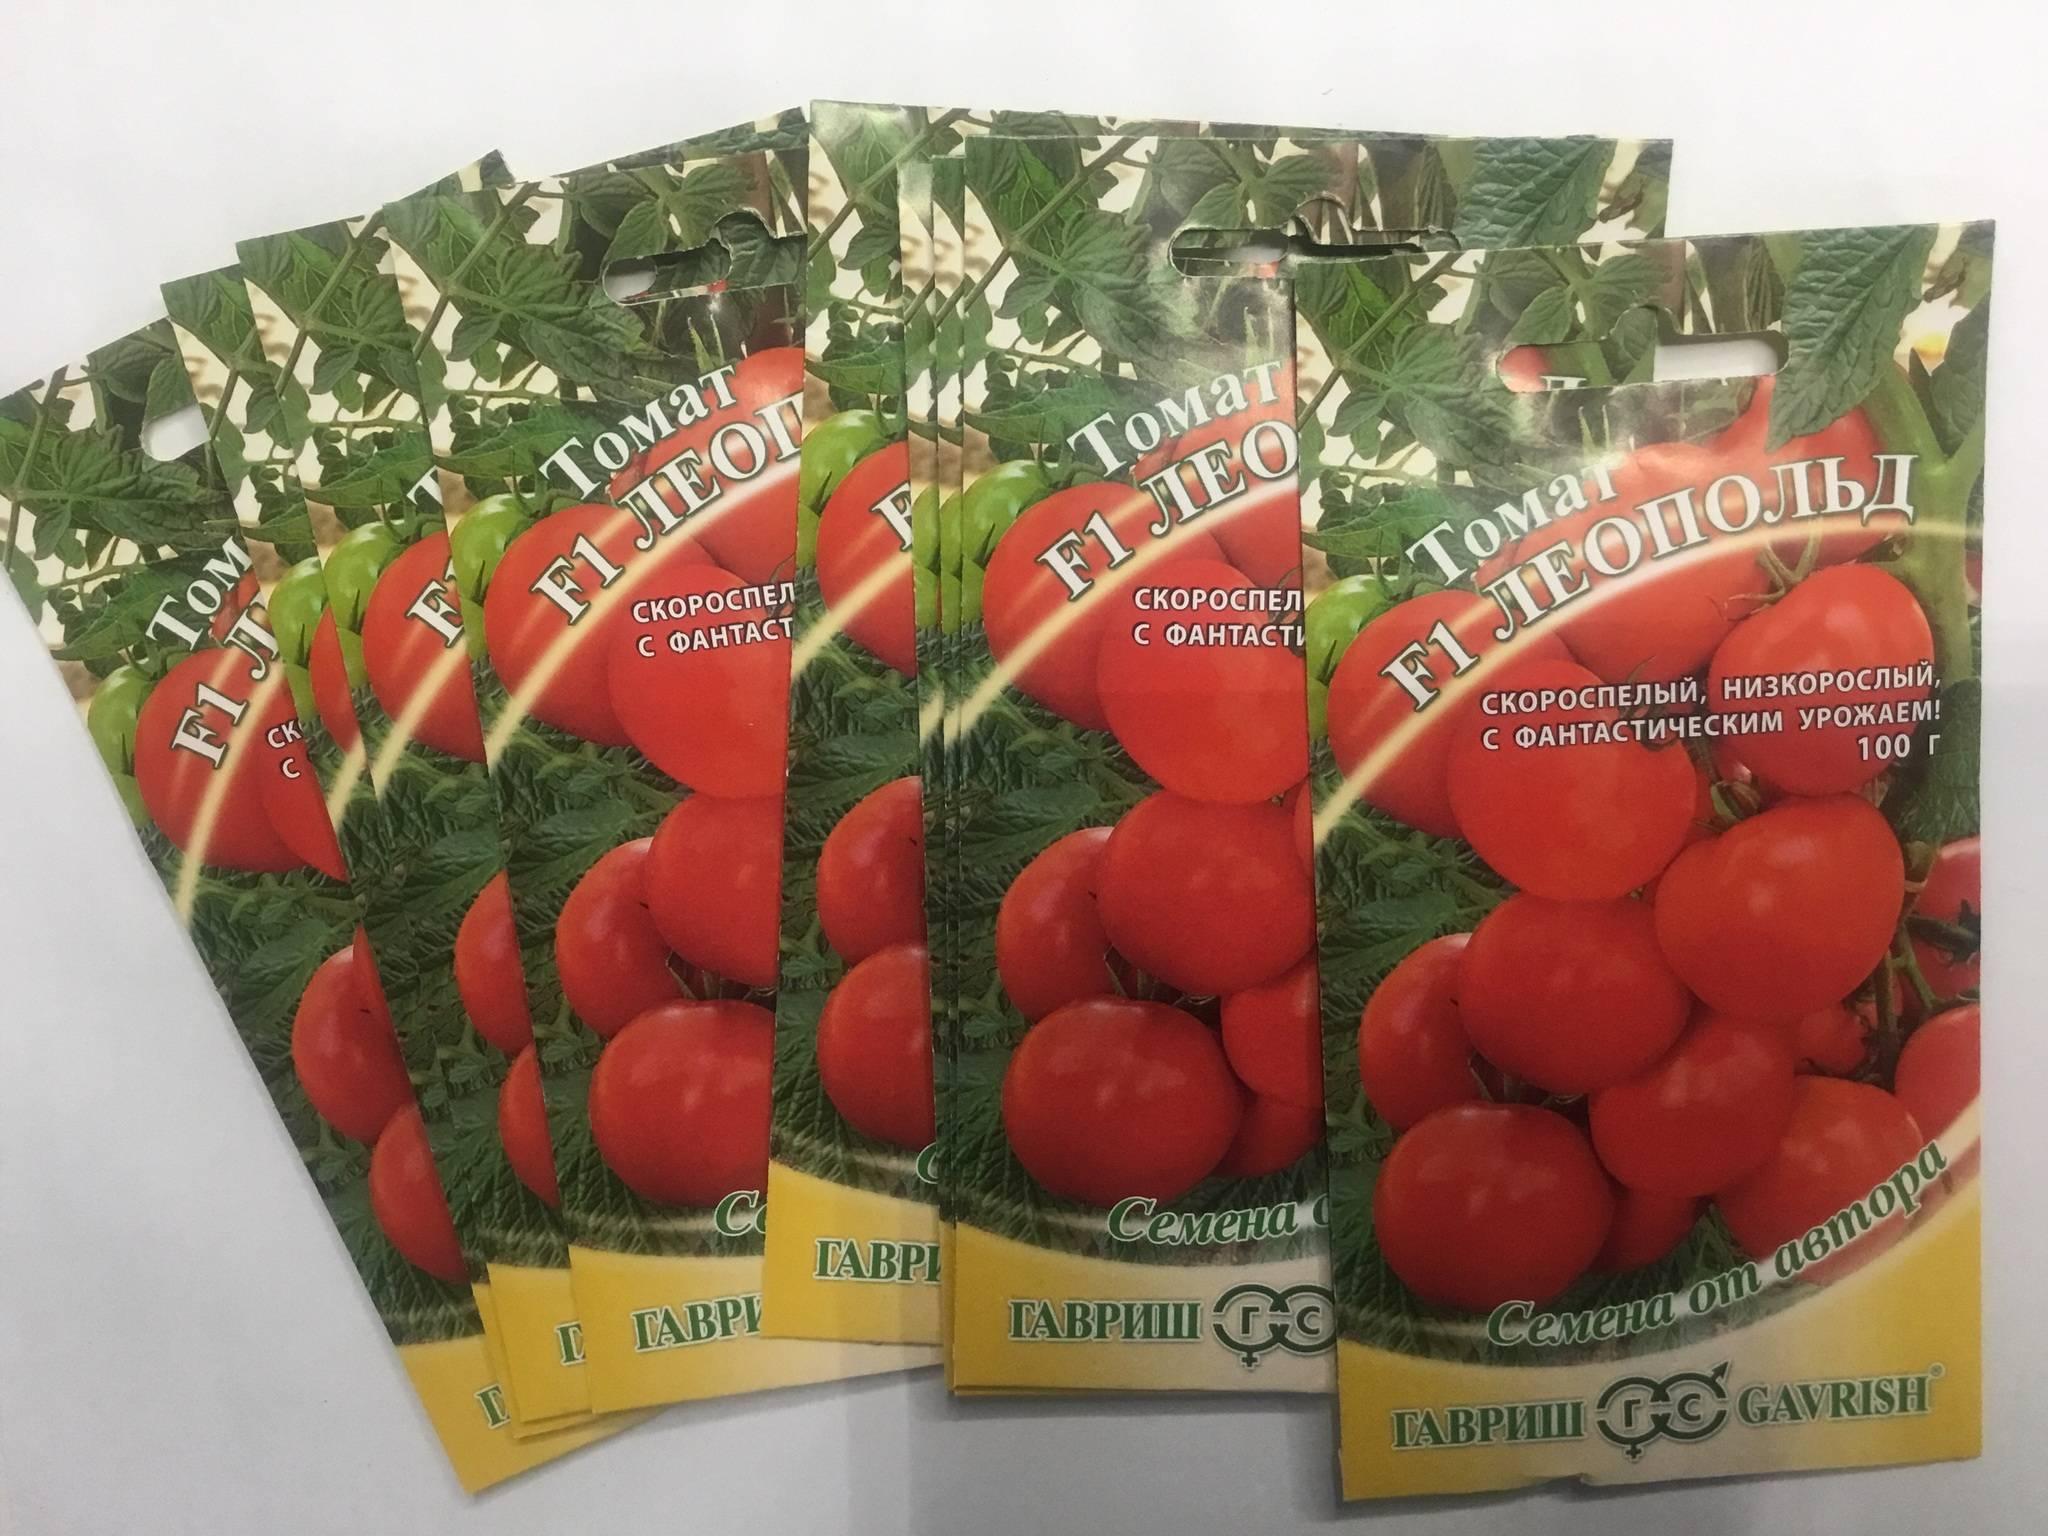 Томат леопольд характеристика и описание сорта урожайность отзывы фото